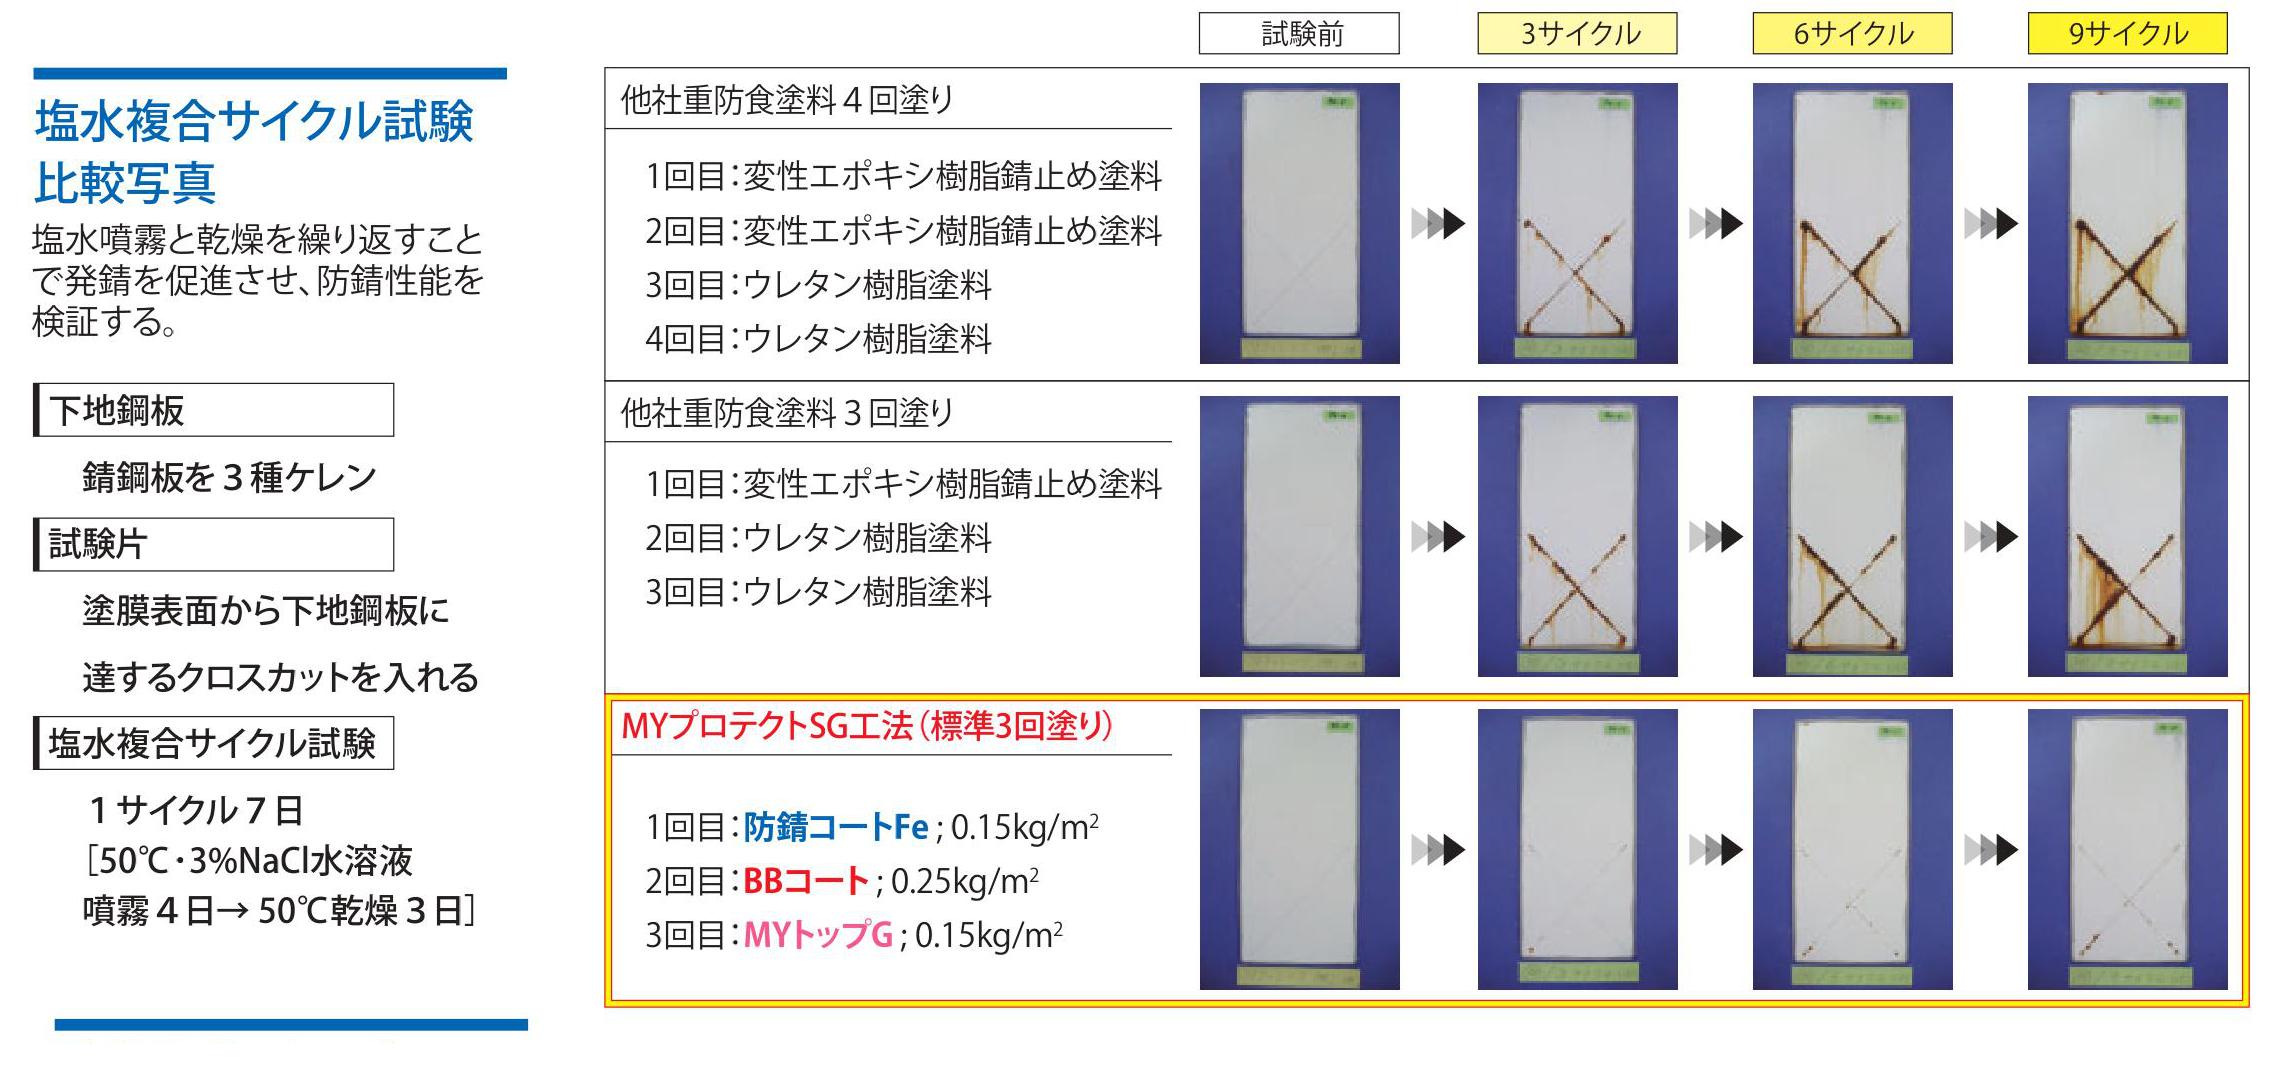 塩水複合サイクル試験:塩水噴霧と乾燥を繰り返し、発錆を促進させ、防錆性能を検証。